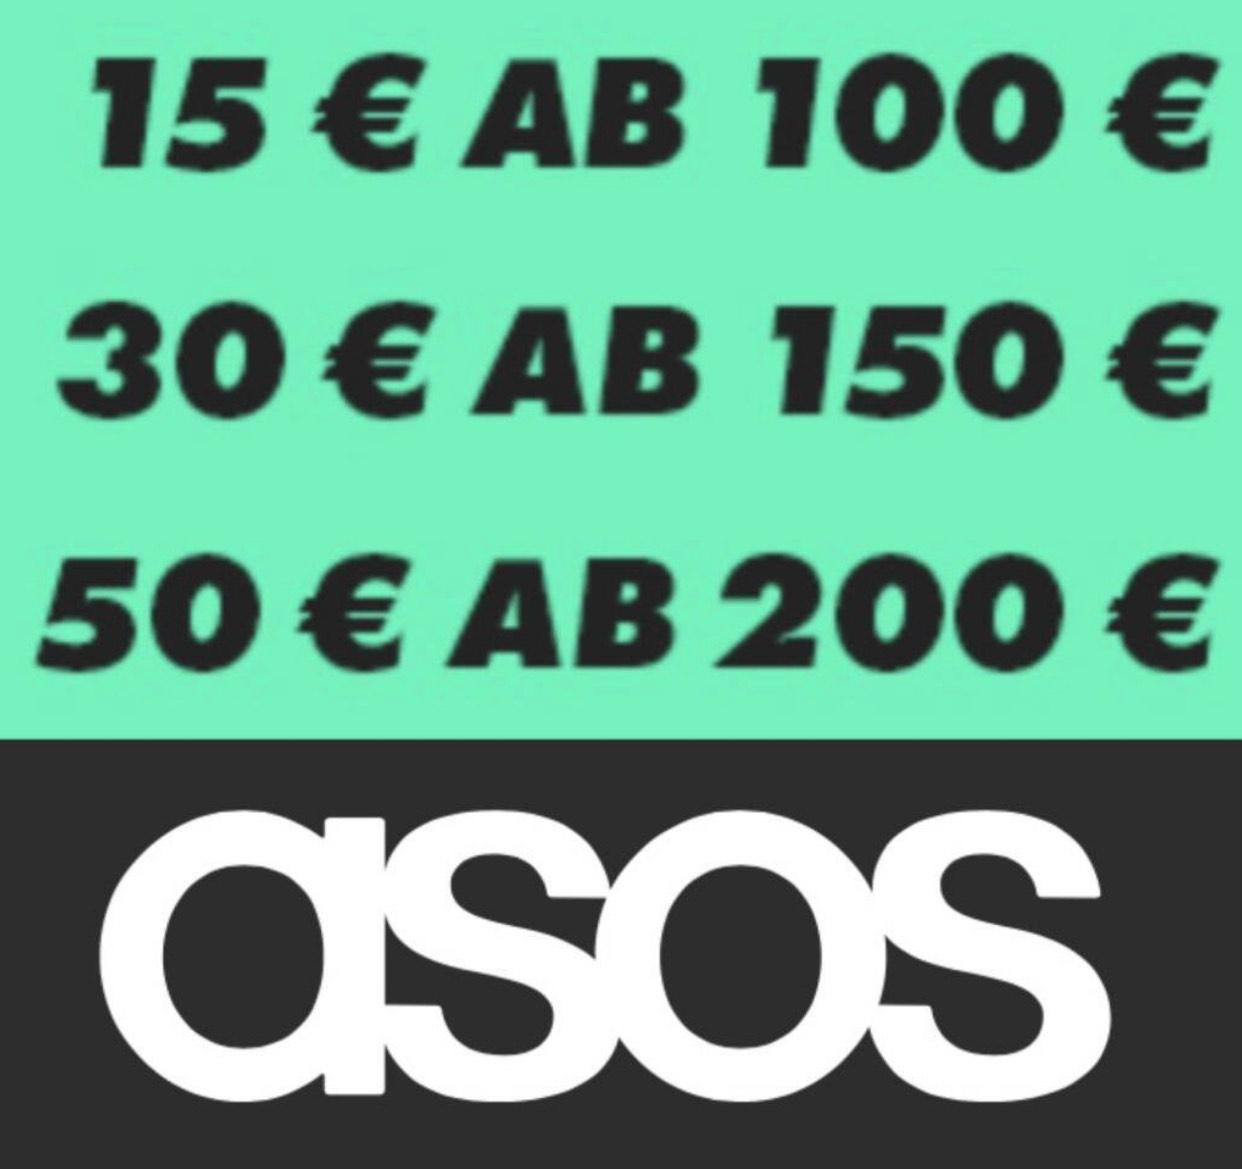 Asos: Gutscheine im Wert von 15€/30€/50€ ab einen Einkaufswert 100€/150€/200€